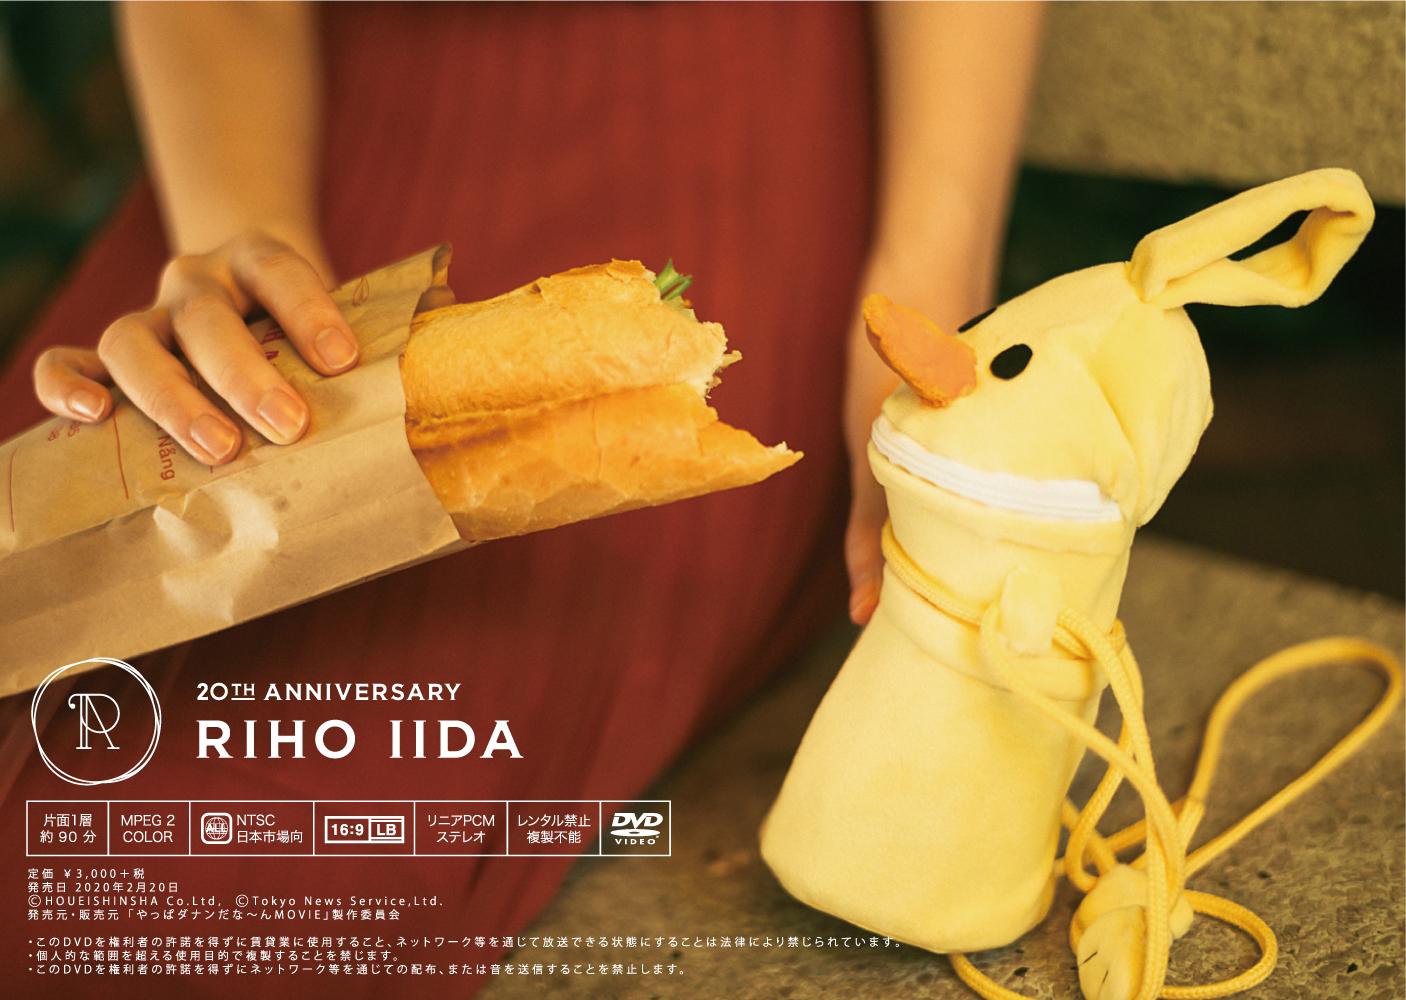 飯田里穂 20th Anniversary PHOTOBOOK「永遠と一瞬」  ~メイキング映像完全版DVD「やっぱダナンだな~んMOVIE」~